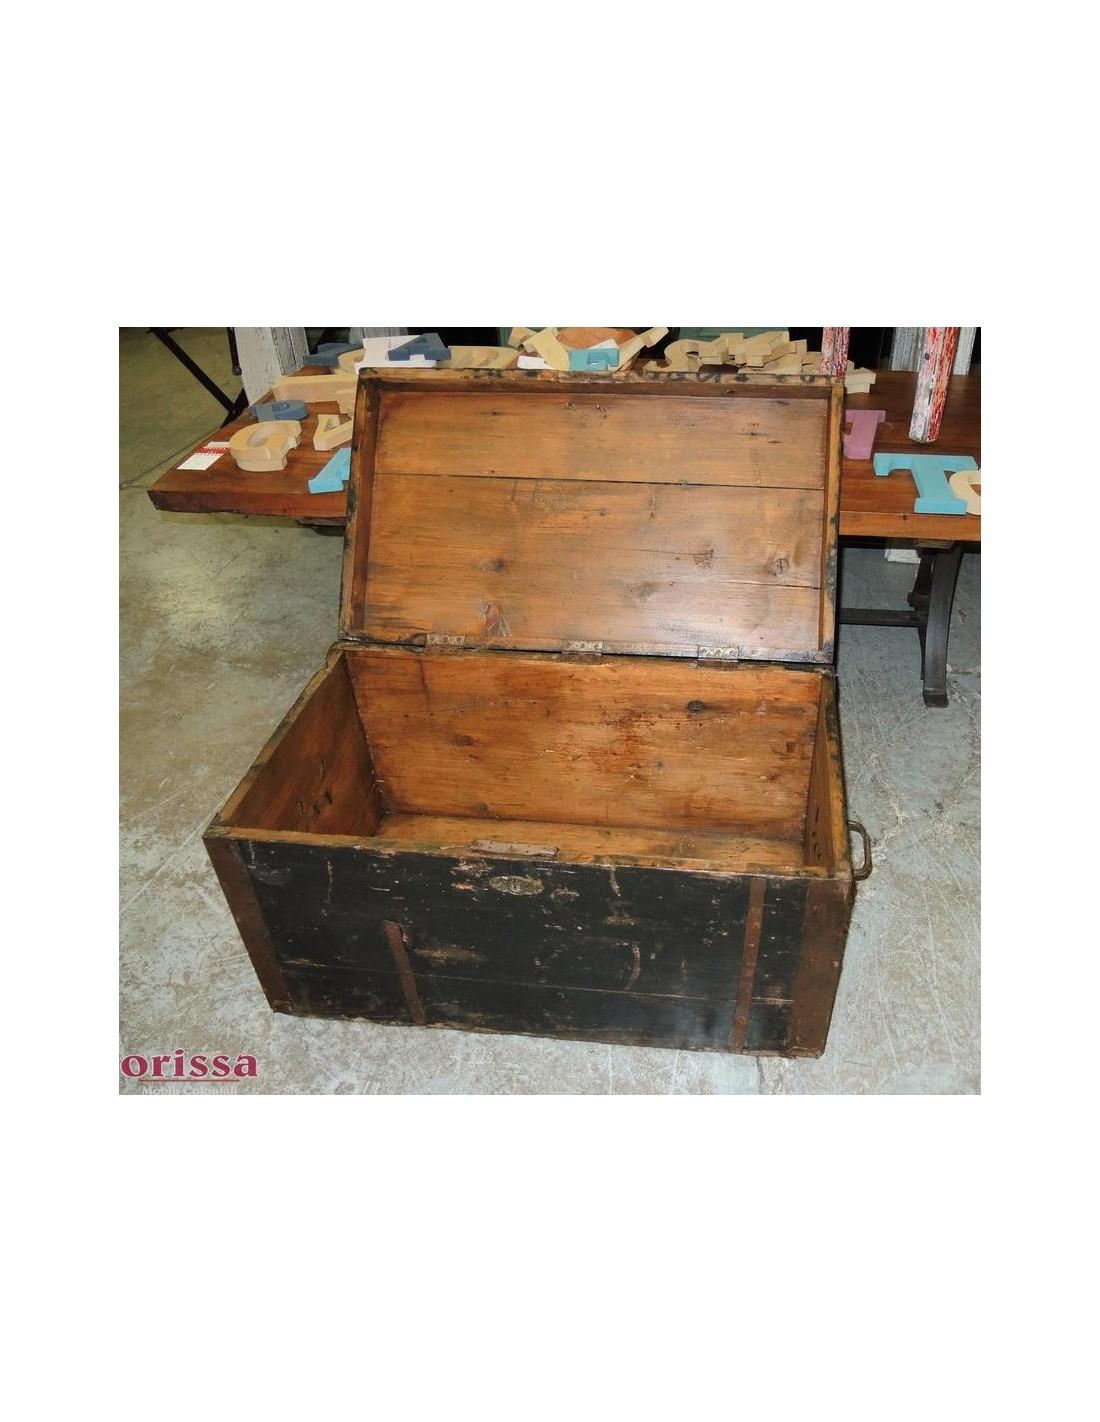 Baule rustico legno